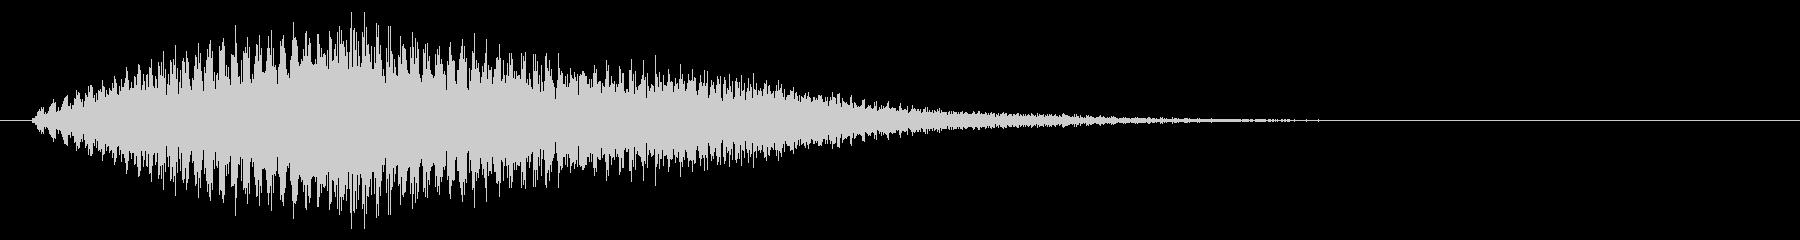 クラブ系 タッチ音3(複)の未再生の波形